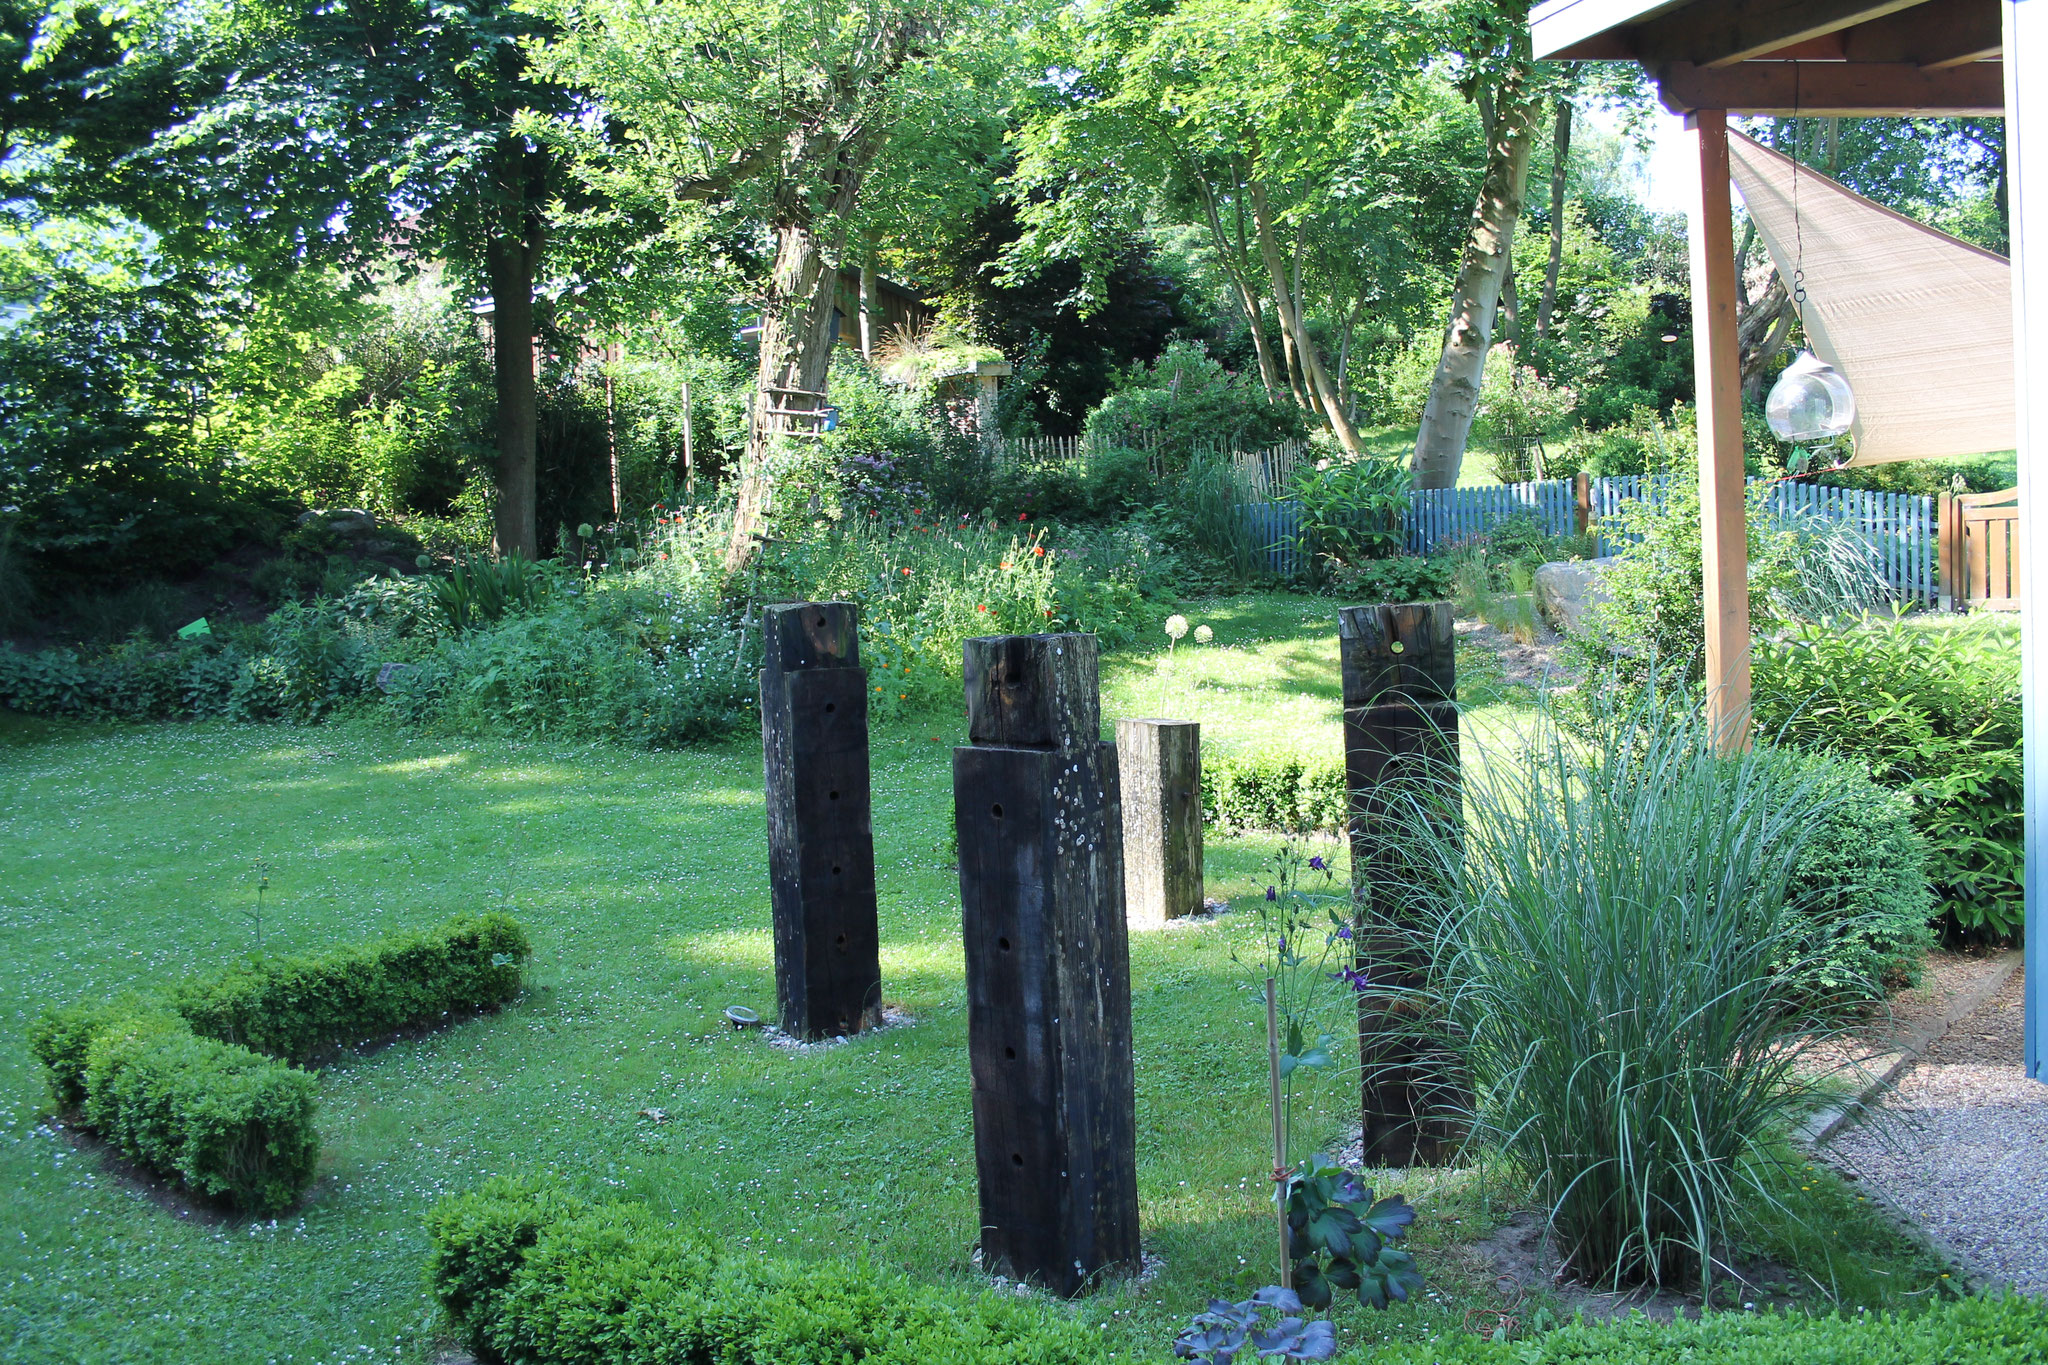 Schön Garten Mit Hang Ideen